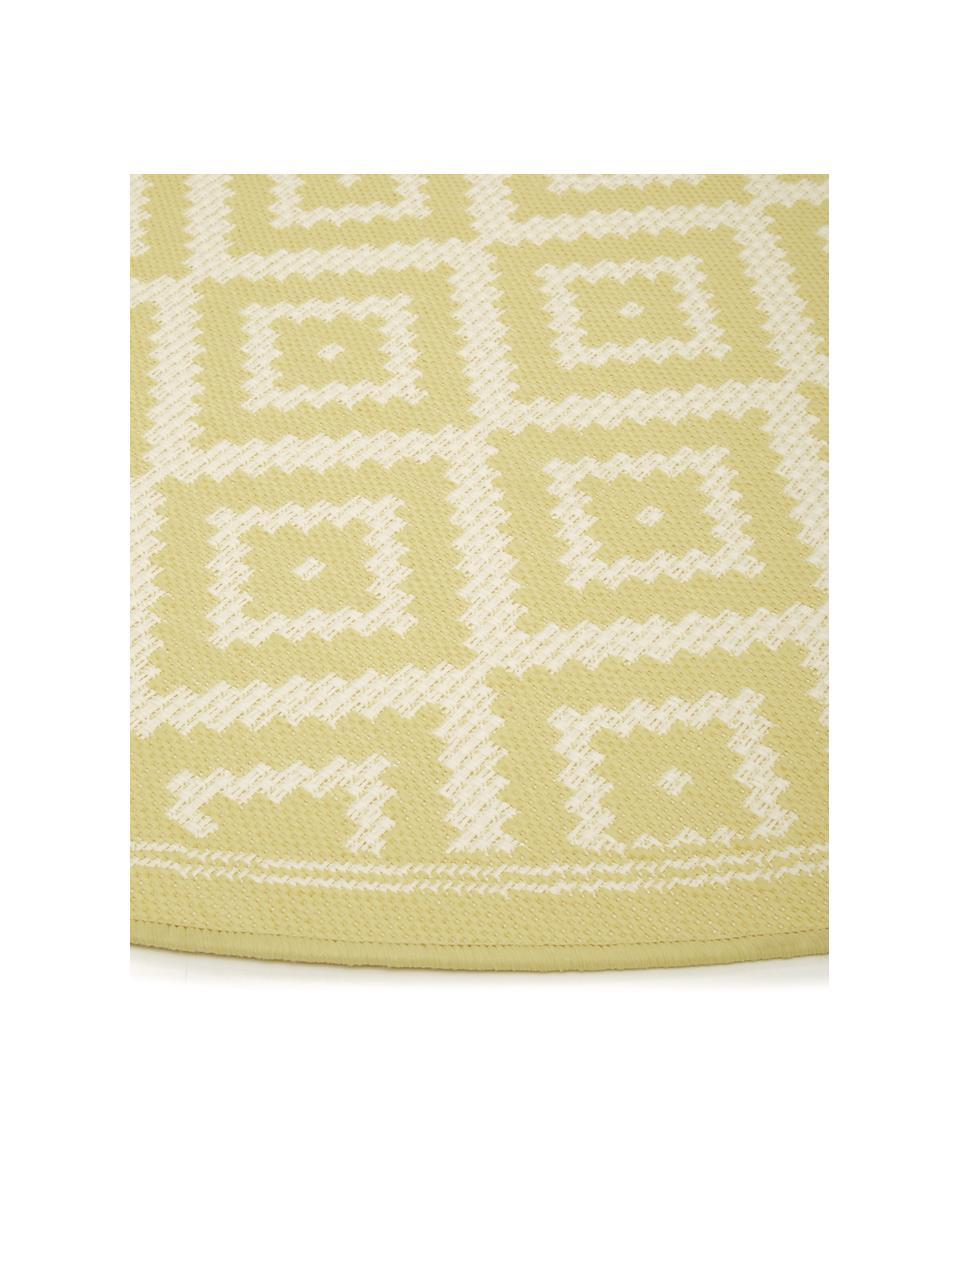 Gemusterter runder In- & Outdoor-Teppich Miami in Gelb/Weiß, 86% Polypropylen, 14% Polyester, Weiß, Gelb, Ø 200 cm (Größe L)